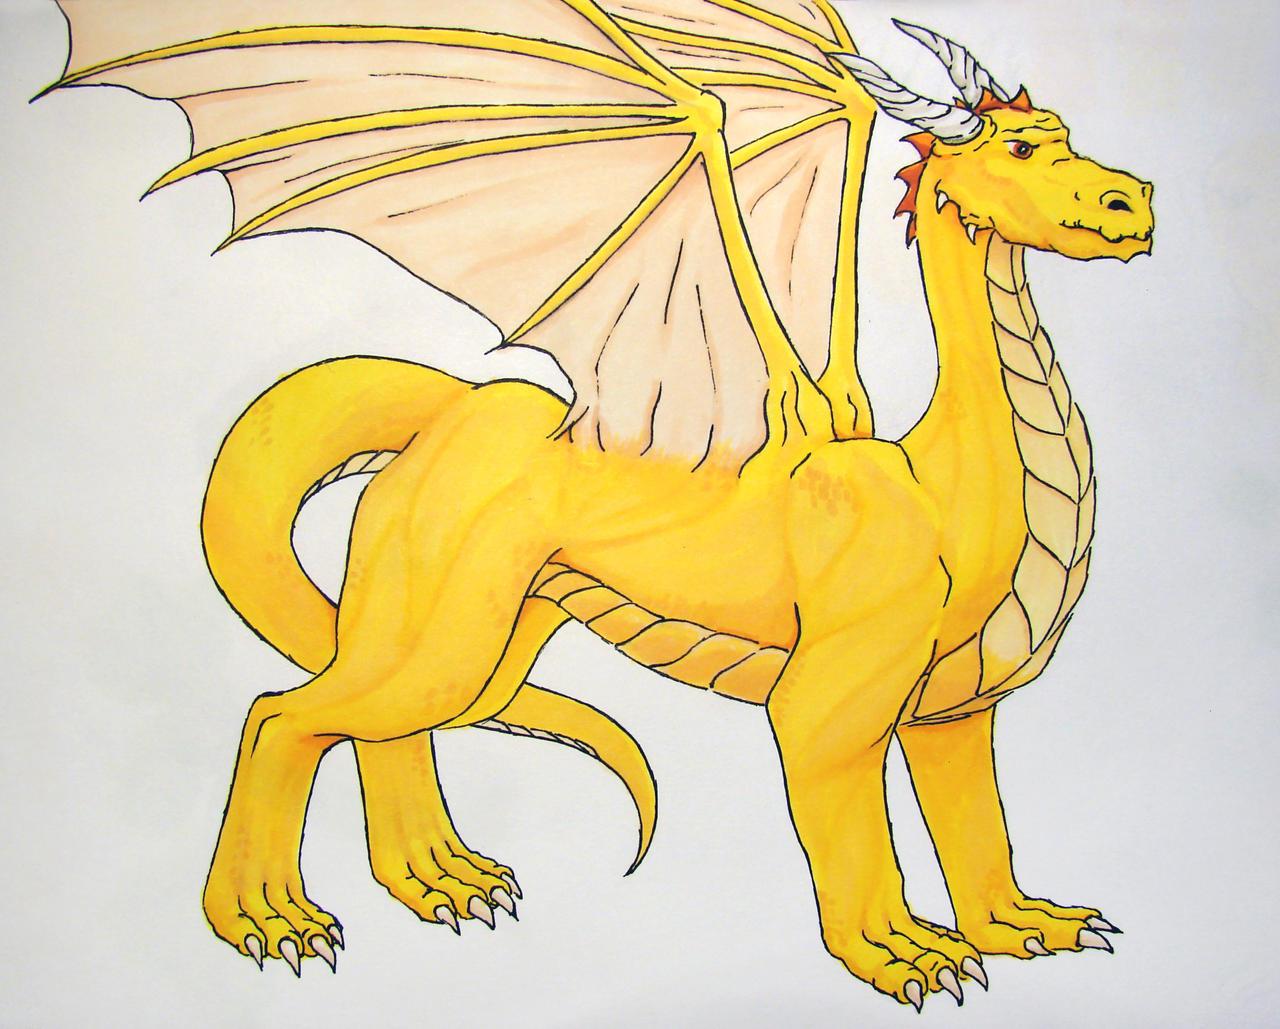 majestic_dragon___my_glaedr_by_kiaraslz_dd8v5qp-fullview.jpg?token=eyJ0eXAiOiJKV1QiLCJhbGciOiJIUzI1NiJ9.eyJzdWIiOiJ1cm46YXBwOjdlMGQxODg5ODIyNjQzNzNhNWYwZDQxNWVhMGQyNmUwIiwiaXNzIjoidXJuOmFwcDo3ZTBkMTg4OTgyMjY0MzczYTVmMGQ0MTVlYTBkMjZlMCIsIm9iaiI6W1t7ImhlaWdodCI6Ijw9MTAyOSIsInBhdGgiOiJcL2ZcL2U5ZDkzYWFmLTZkOGItNDdiZS04OTNkLWU5N2NiM2ViNDFiMFwvZGQ4djVxcC0zOThlNzM0YS04YWM1LTQwM2QtOGQ1OC0yYzhjNzkxNTYzZDYuanBnIiwid2lkdGgiOiI8PTEyODAifV1dLCJhdWQiOlsidXJuOnNlcnZpY2U6aW1hZ2Uub3BlcmF0aW9ucyJdfQ.Rk69_9Vu2OqW_qrVsnhxLTw6QlJ_xETCte9bc0U8xZ0